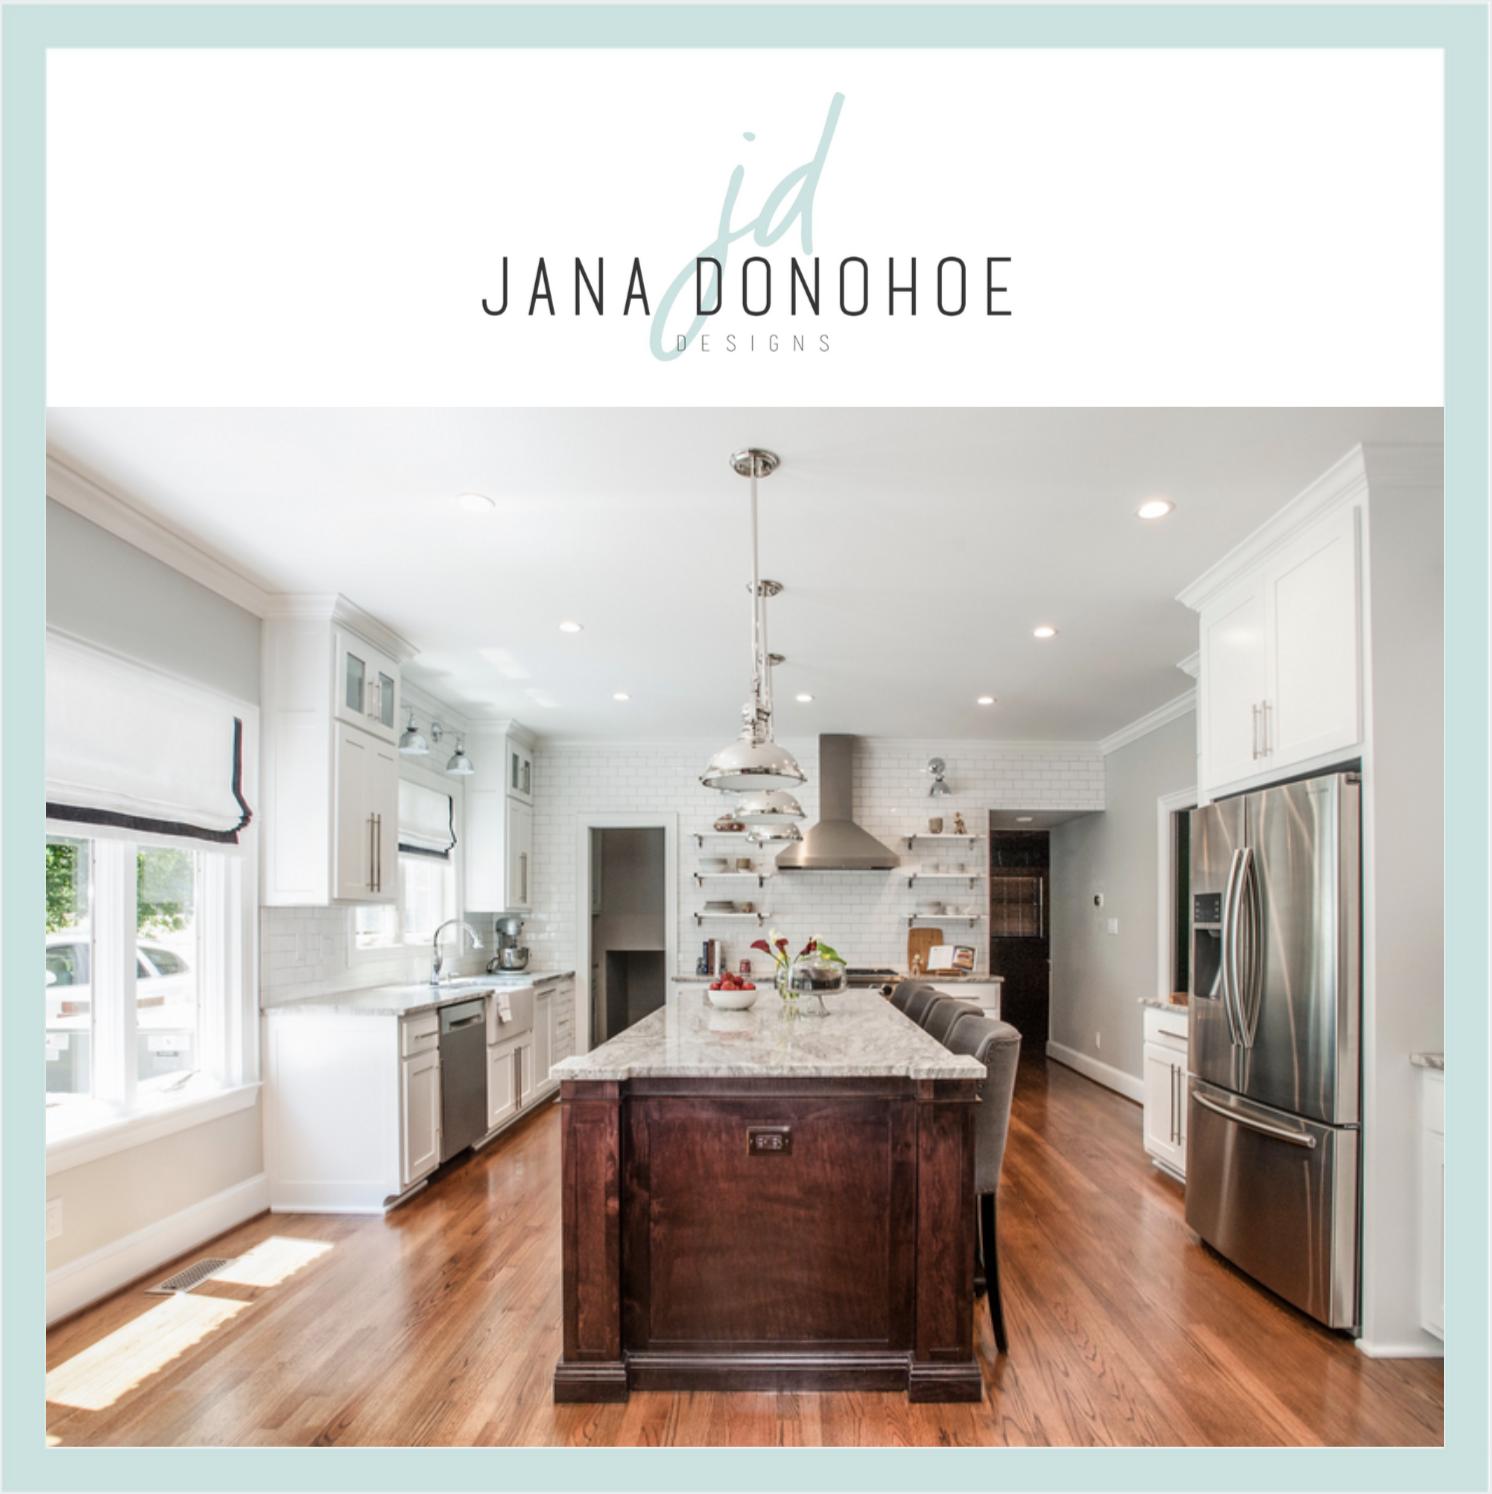 Best Kitchen Designers Best Interior Designers Jana Donohoe Designs Fayetteville, North Carolina  28301, 28303, 28304, 28305, 28306, 28307, 28308, 28310, 28311, 28312, 28314, 28390, 28395